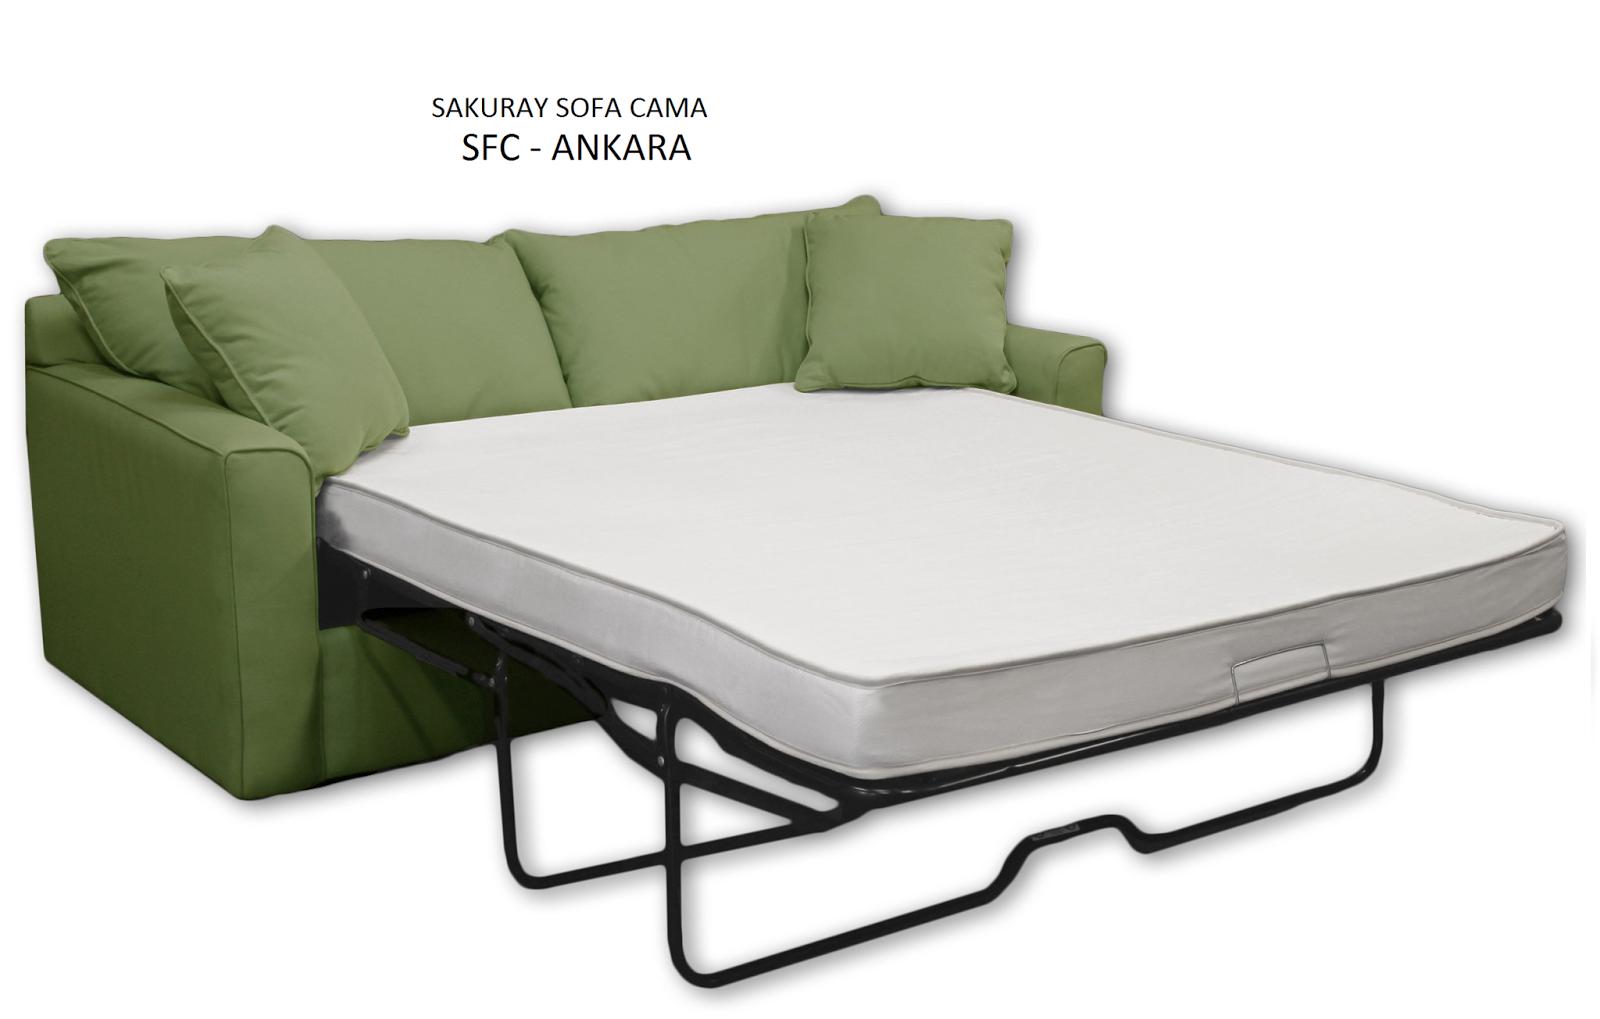 Sofa Sfc Grey With Accent Pillows Mueble Peru Sakuray Cama De Lujo Ankara